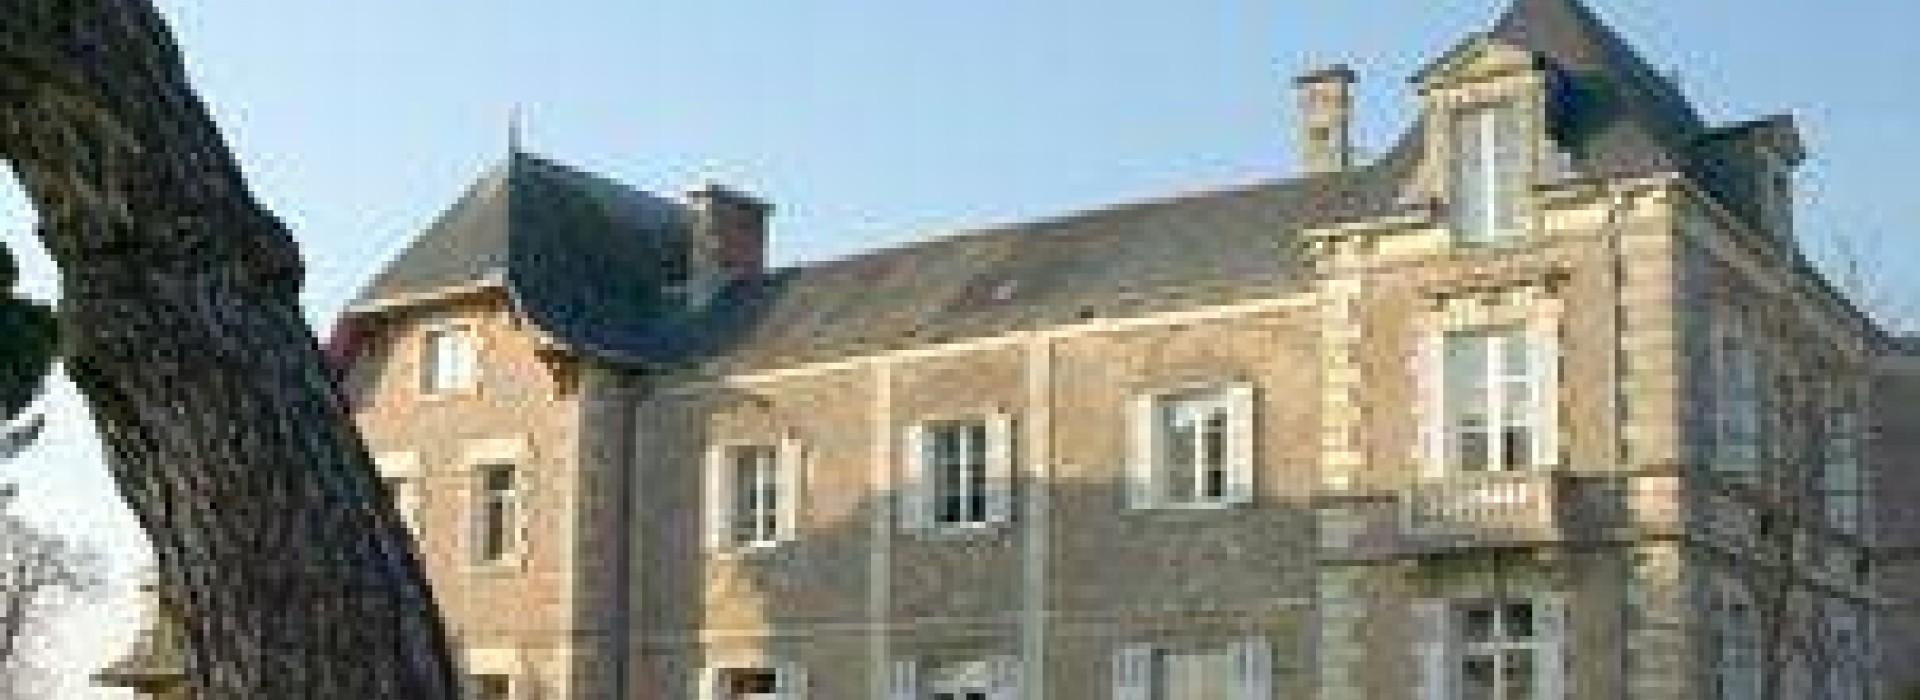 Chambres d 39 hotes chateau piegue g stezimmer frankreich pays de la loire - Chambres d hotes chateau d olonne ...